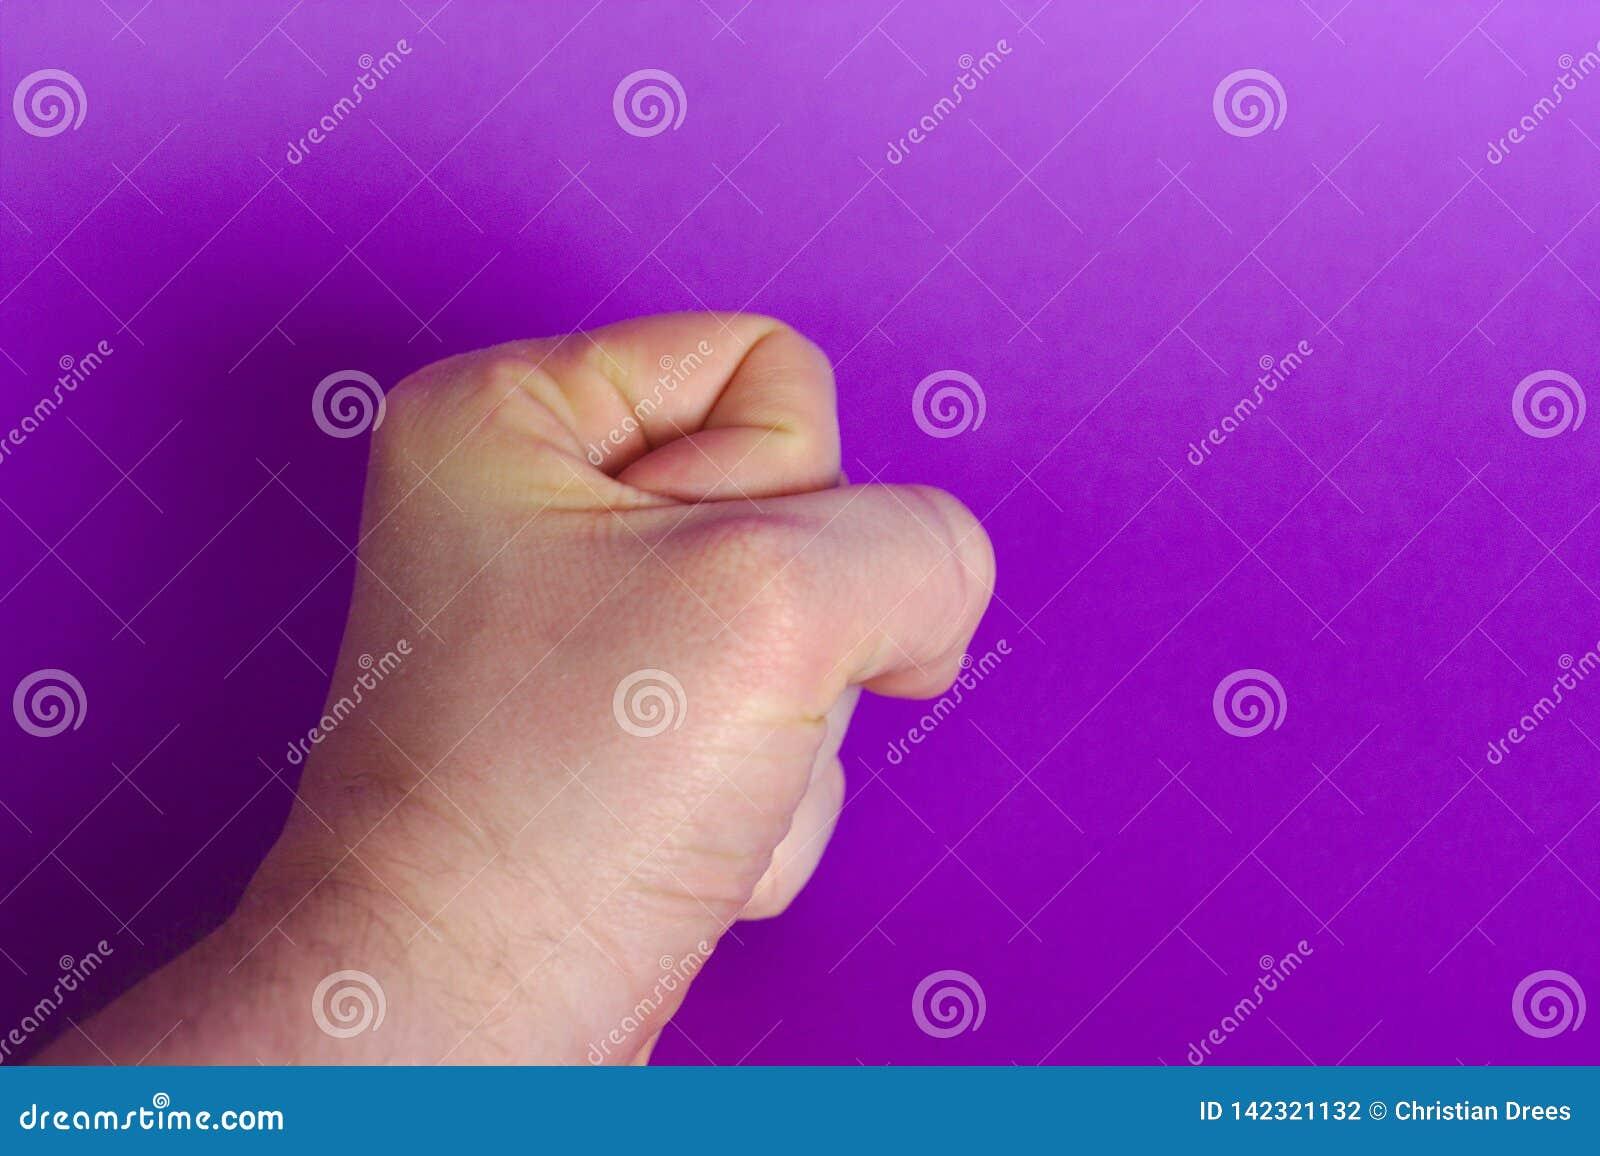 Human fist on purple background